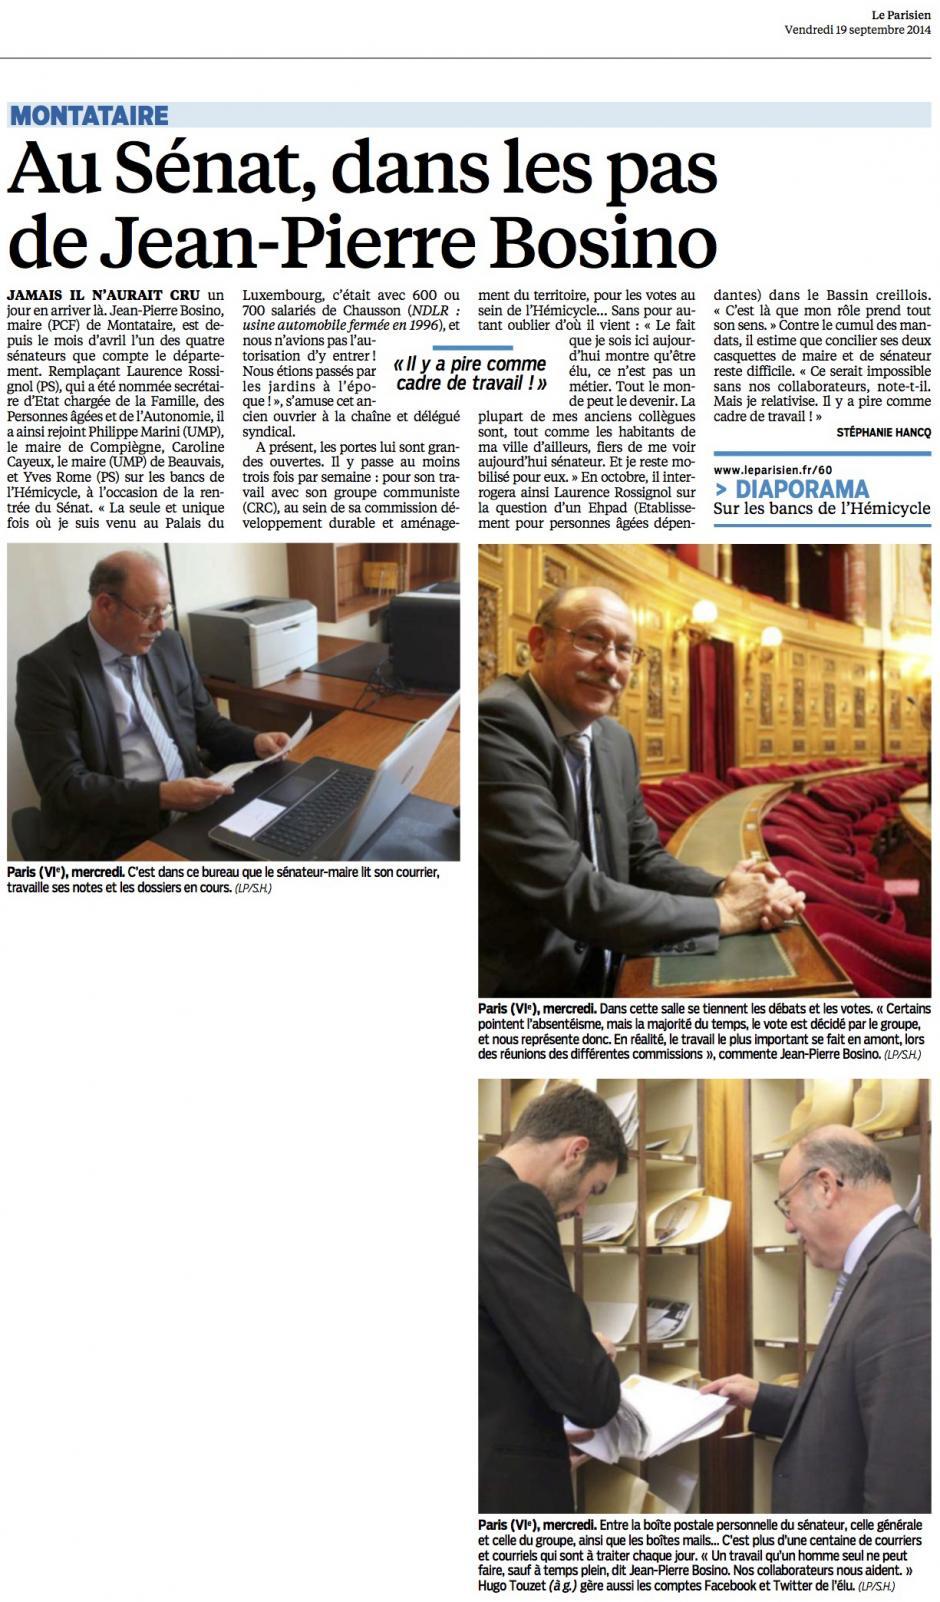 20140919-LeP-Montataire-Au Sénat, dans les pas de Jean-Pierre Bosino